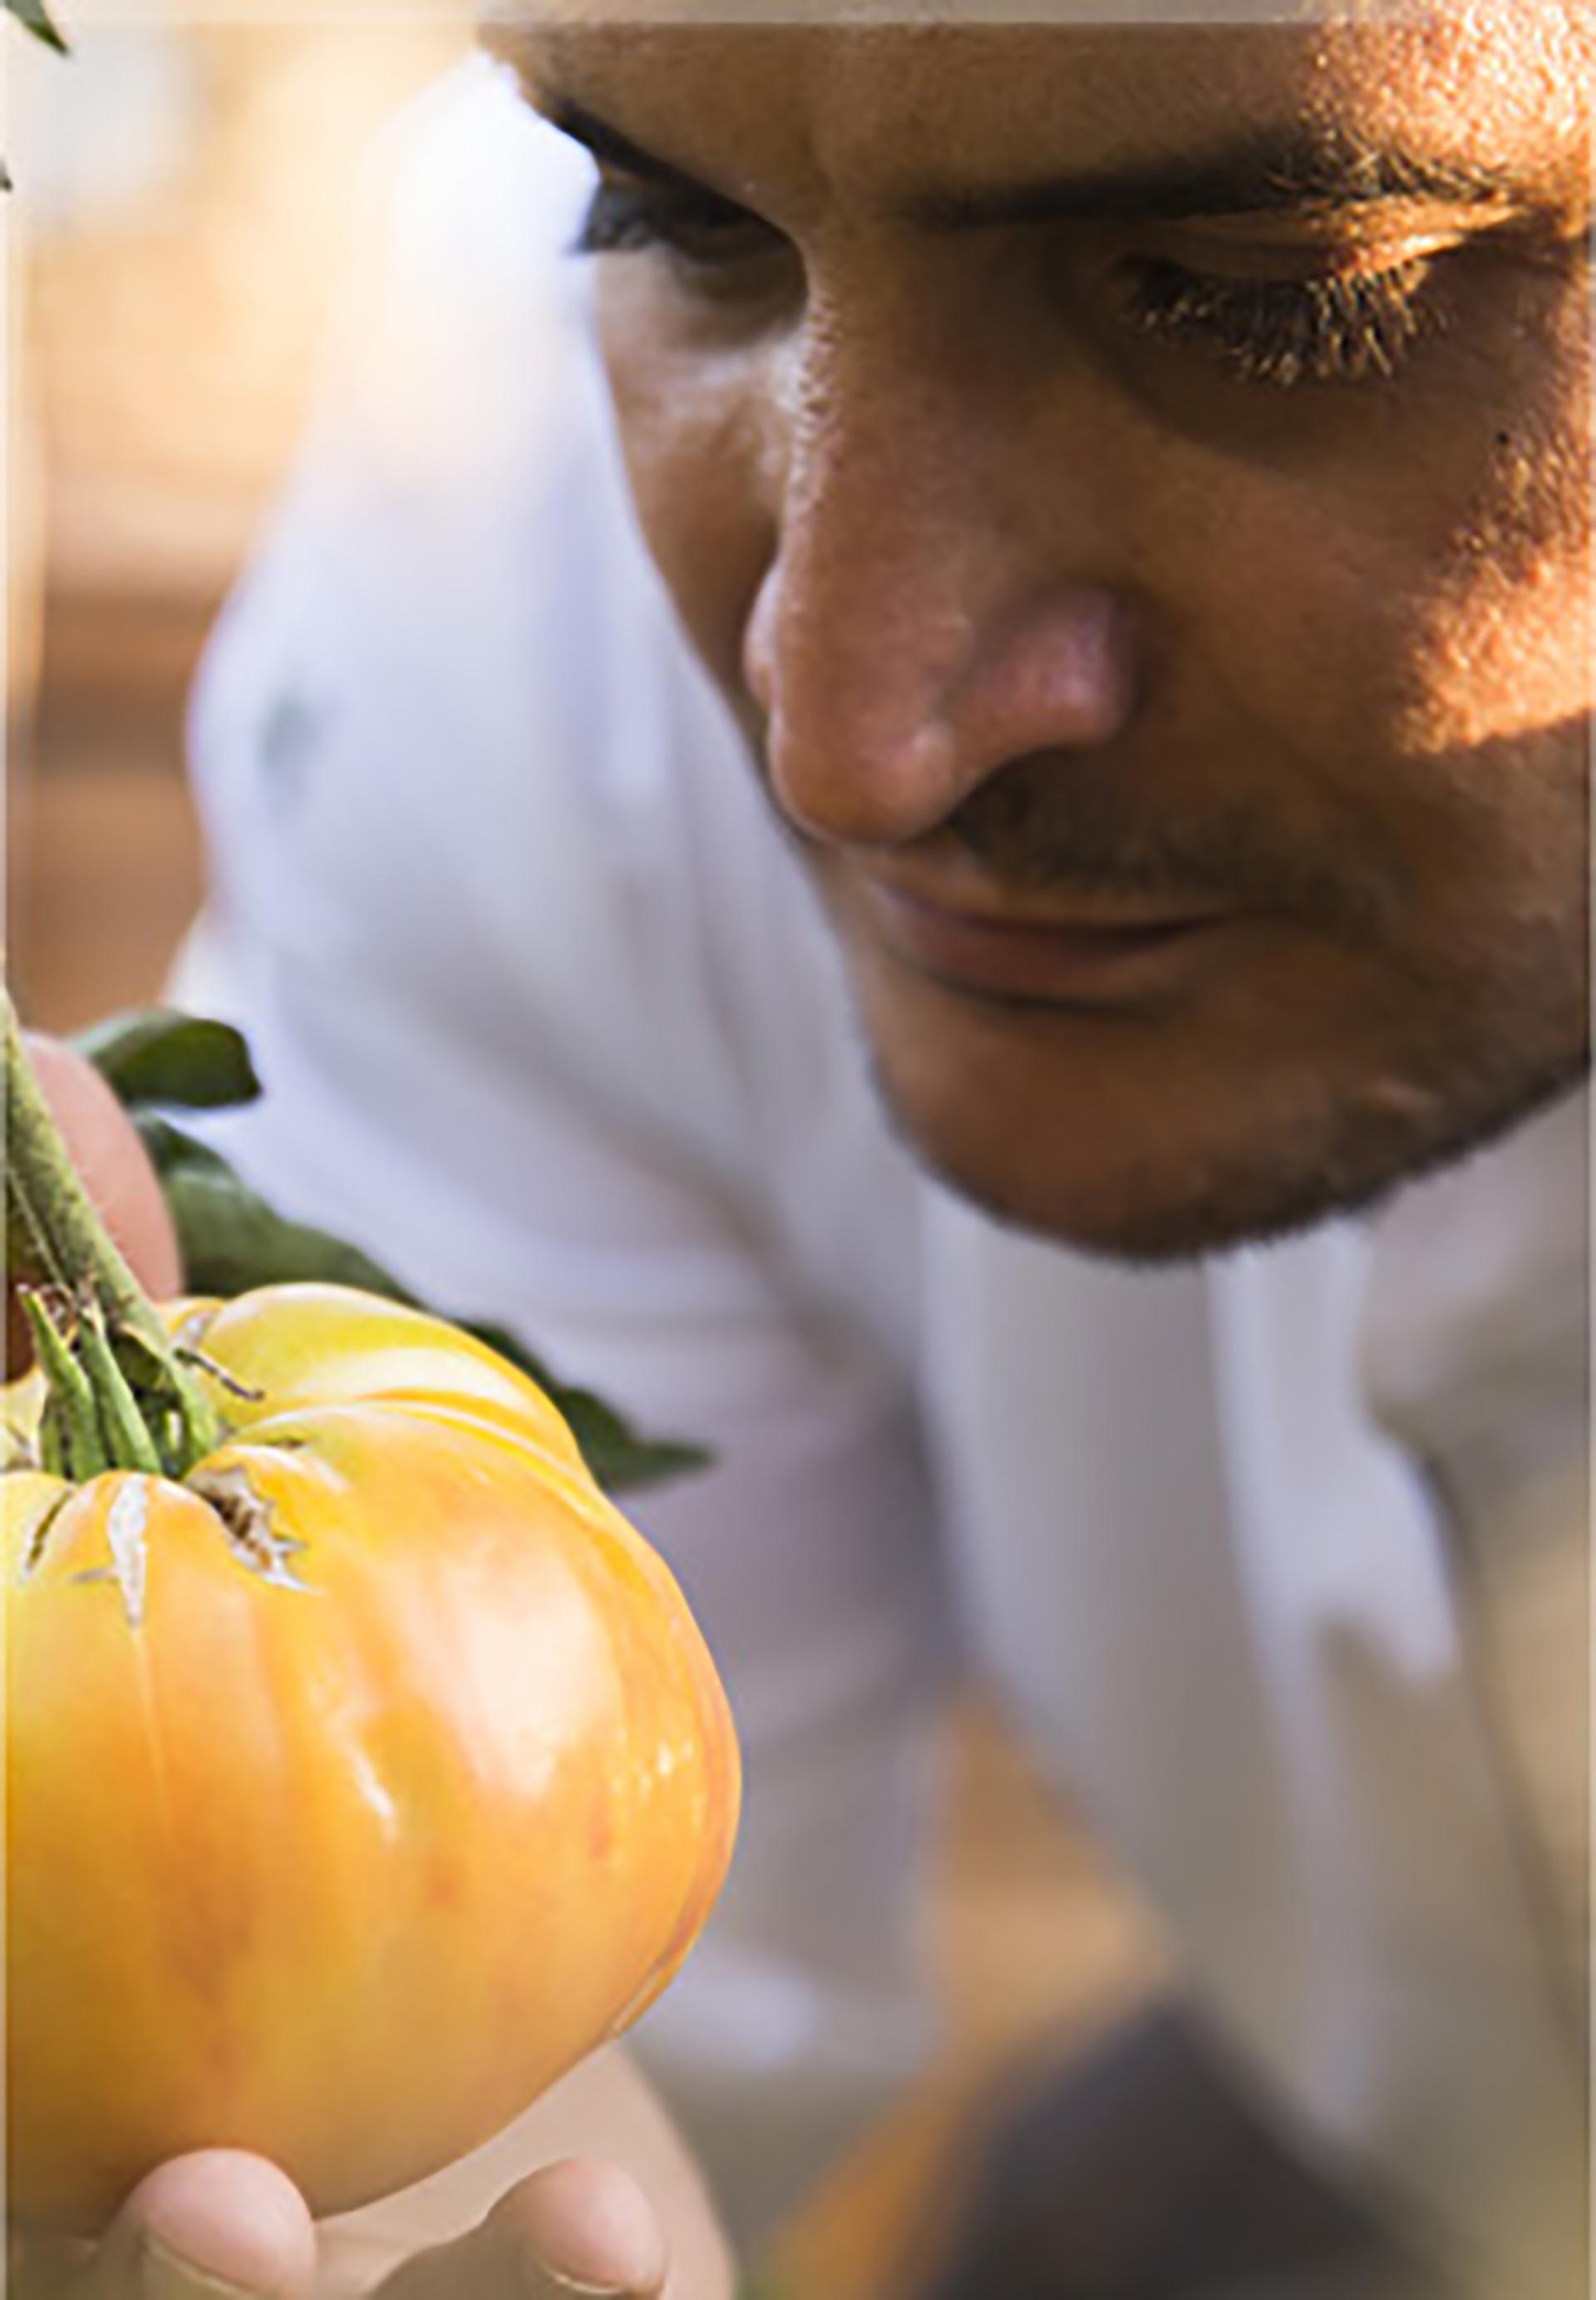 El cocinero deja su huella en cada plato, y creó su propio estilo en el mundo de la gastronomía con una premisa clave: comida fresca, productos de su propia huerta y pescados del día (Web Mirazur)